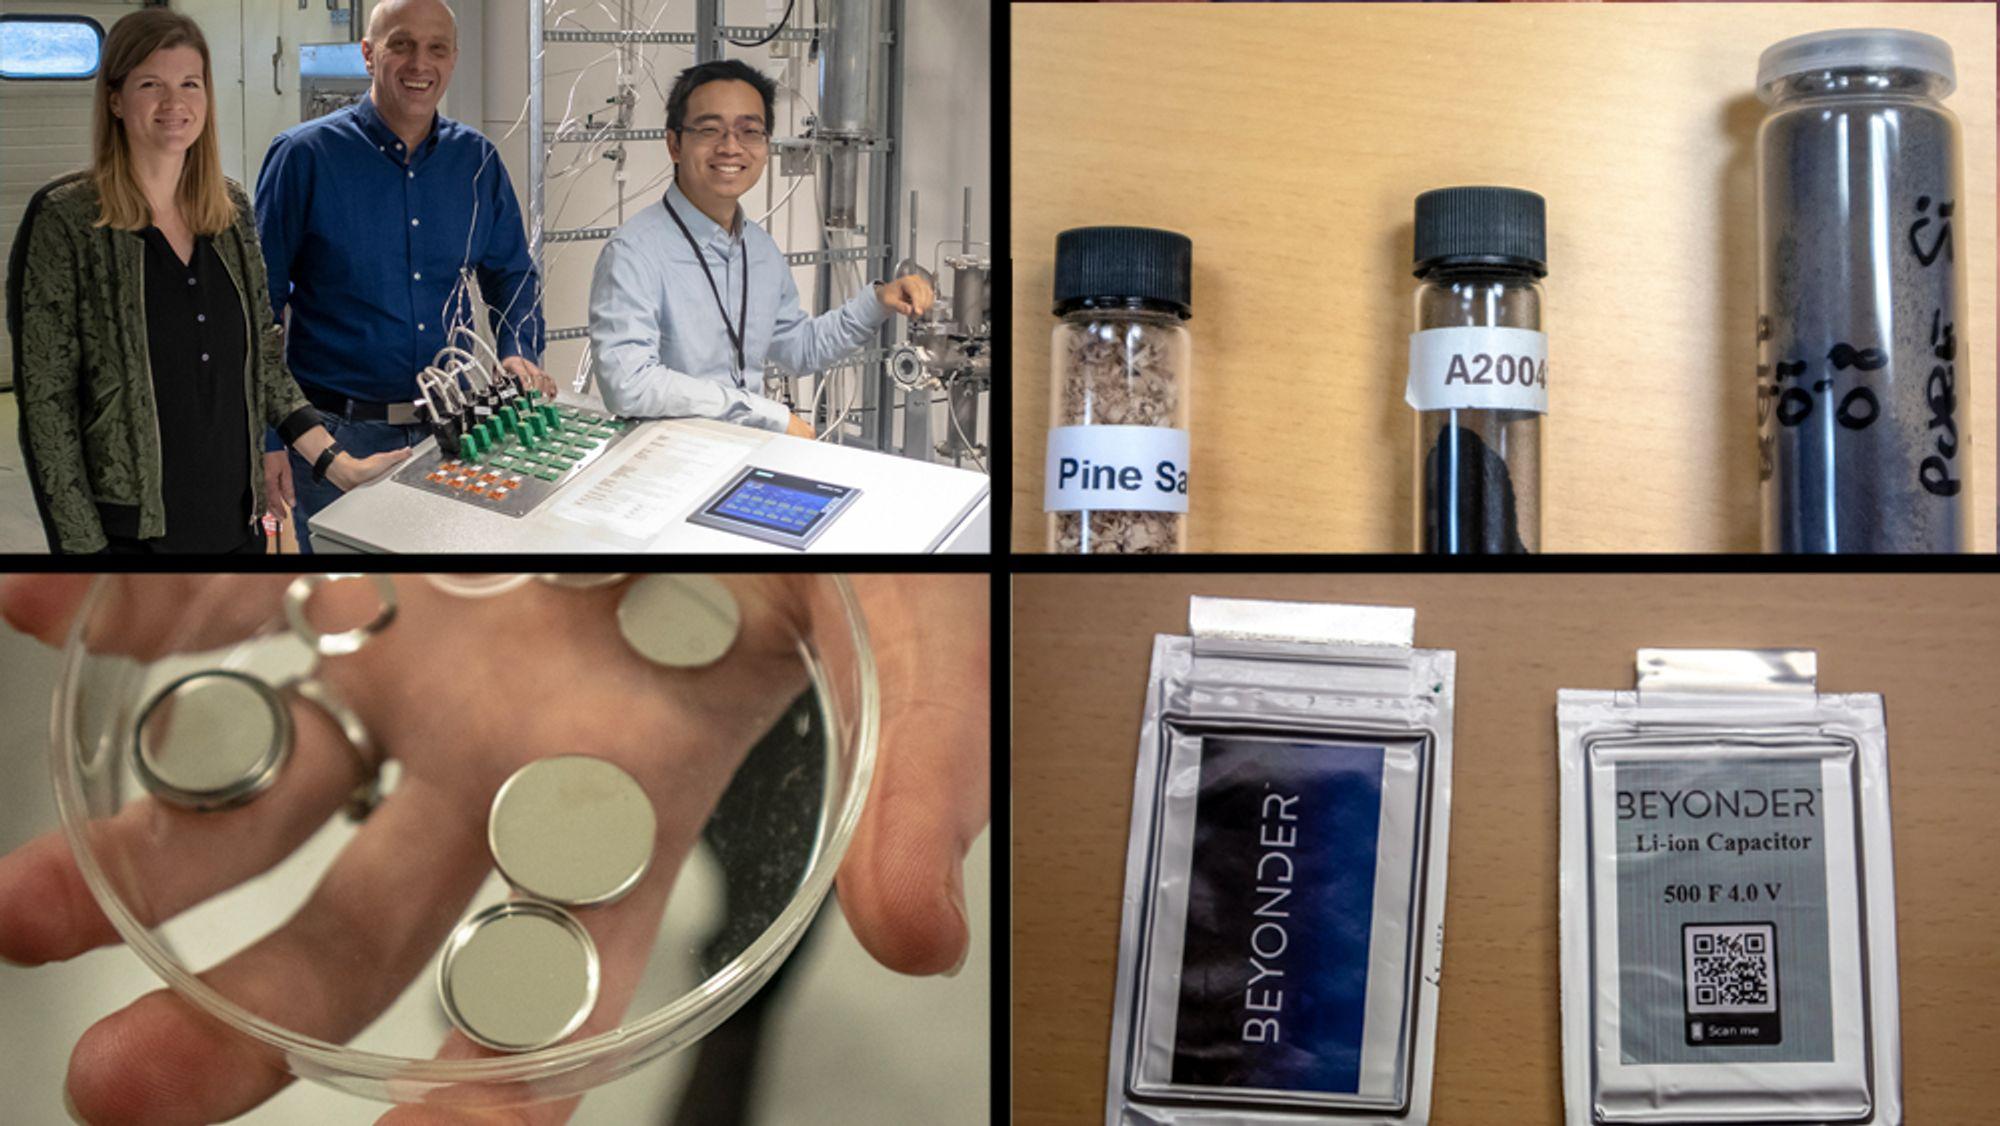 Vil bygge en ultrakondensator i Norge: Beyonder vil skape ny norsk industri ved å kombinere superkondensatorens ytelse med litium-ionbatteriets rimelige lagringskapasitet, basert på norske råvarer.